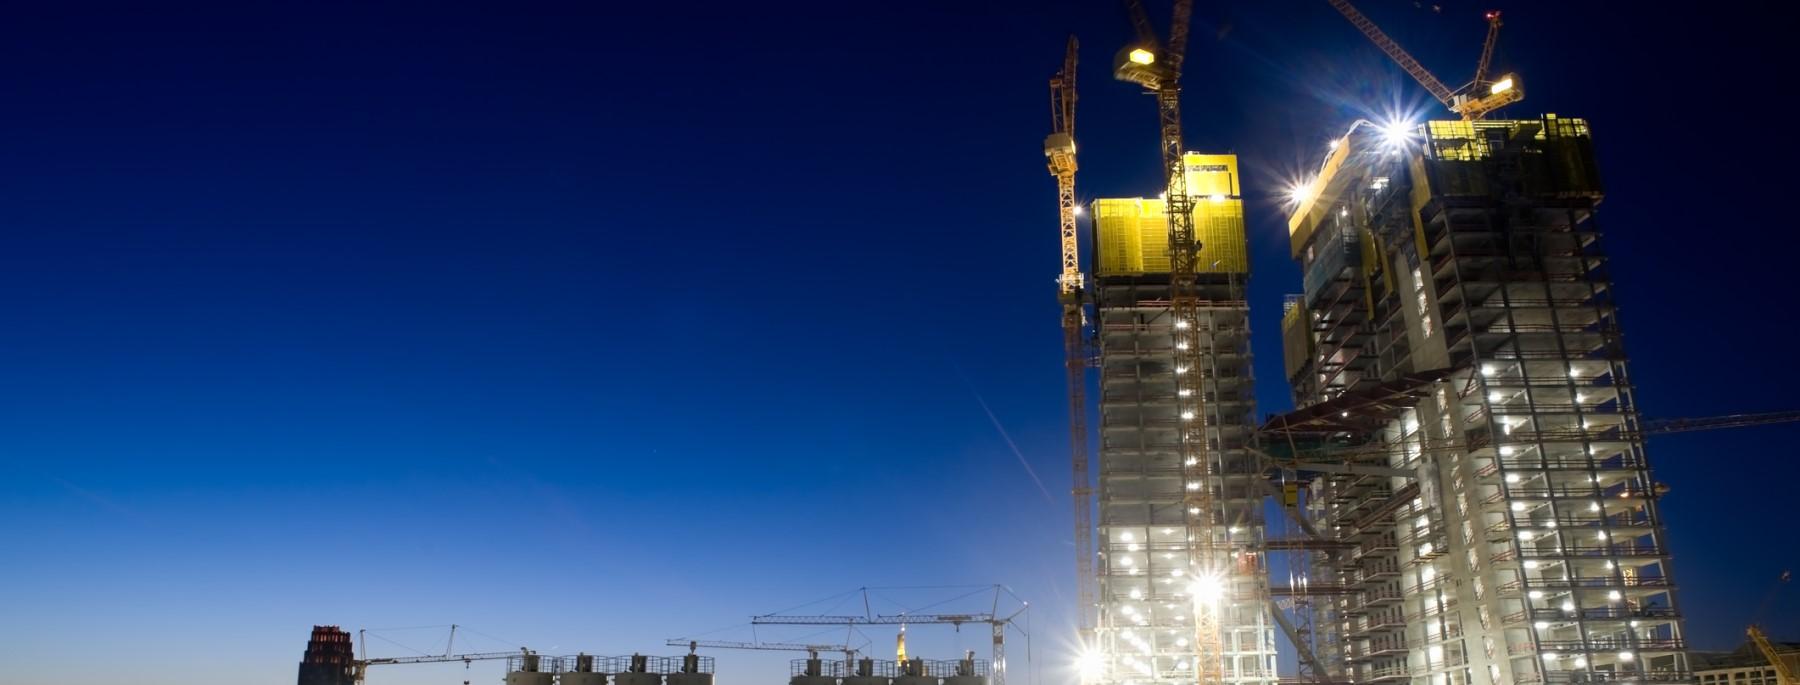 Baustellenbewachung in Offenbach am Main